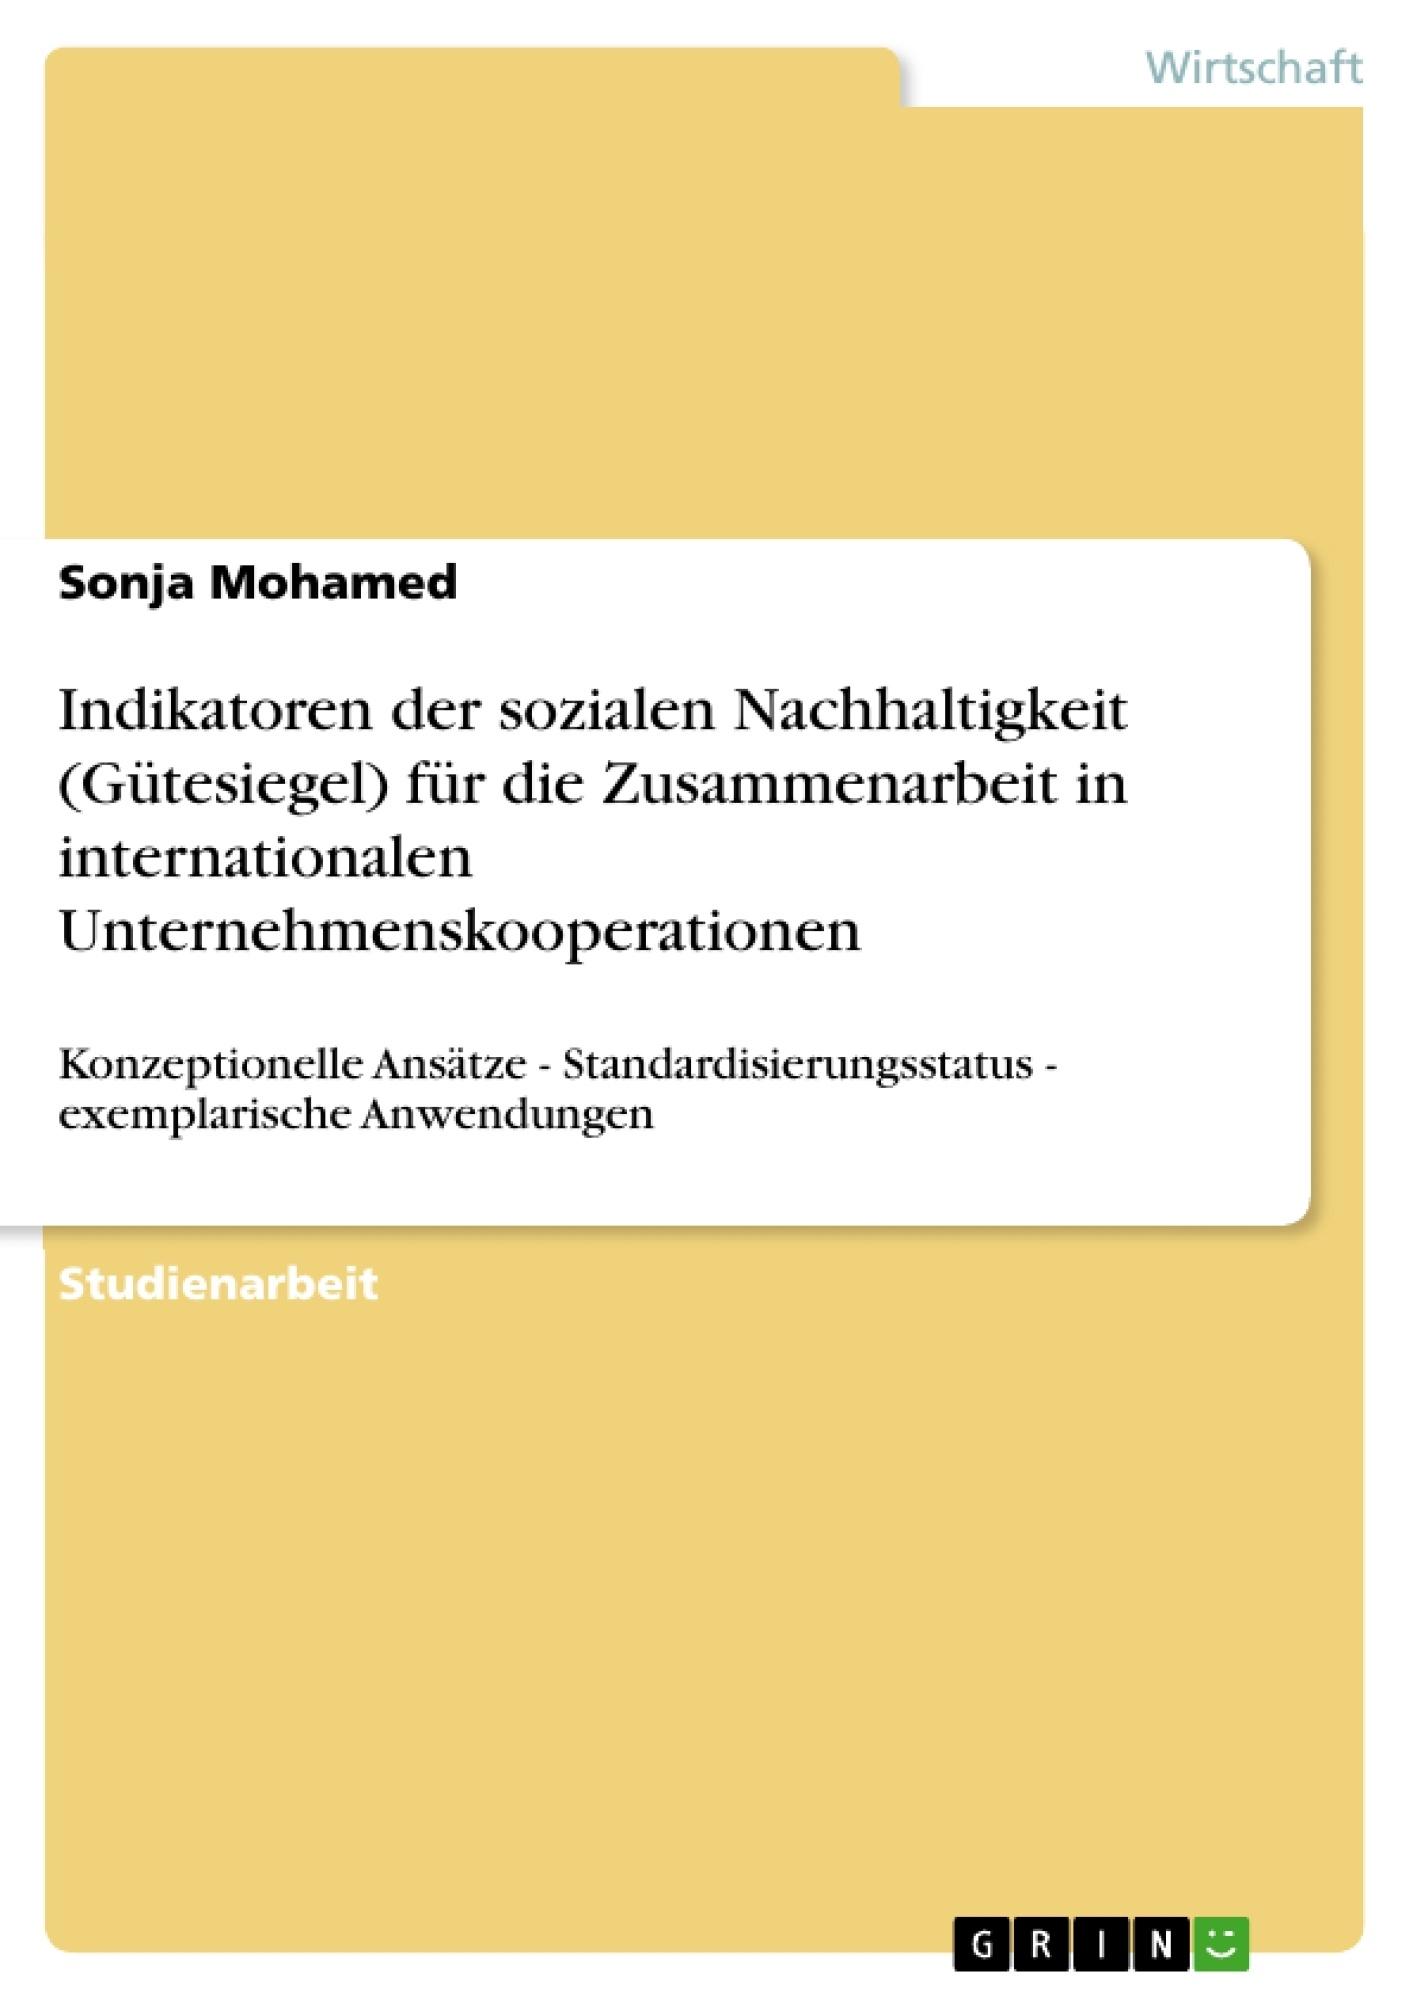 Titel: Indikatoren der sozialen Nachhaltigkeit (Gütesiegel) für die Zusammenarbeit in internationalen Unternehmenskooperationen